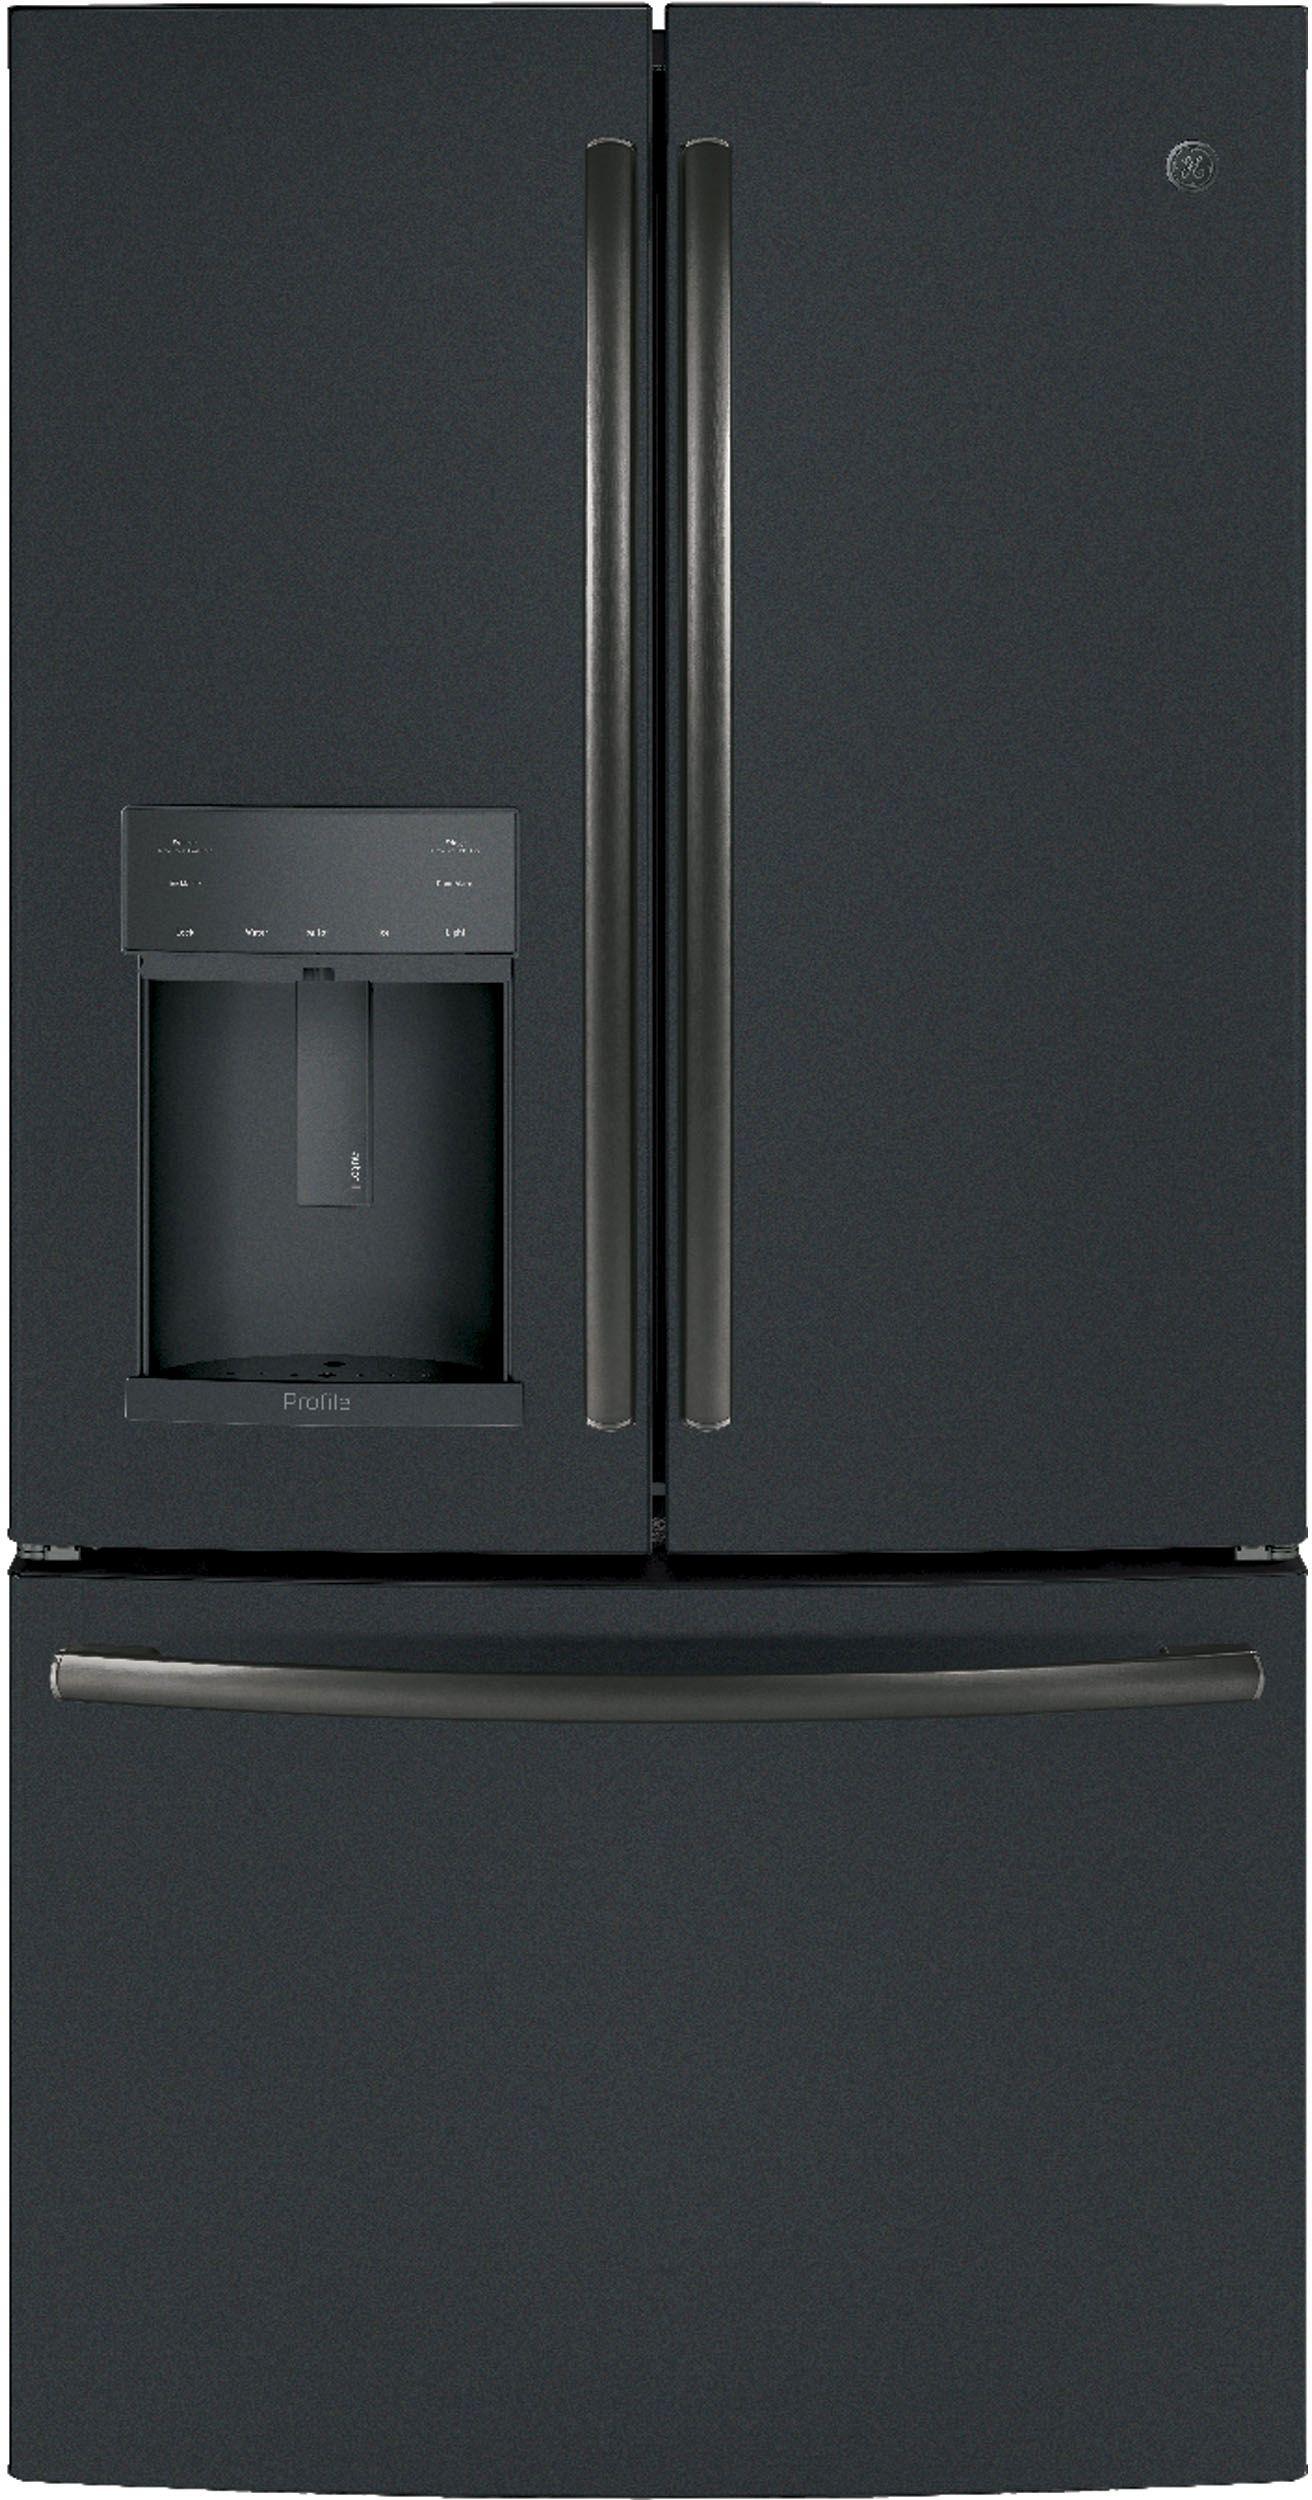 Counter Depth Refrigeratorshop Kitchen Appliances Home Appliances